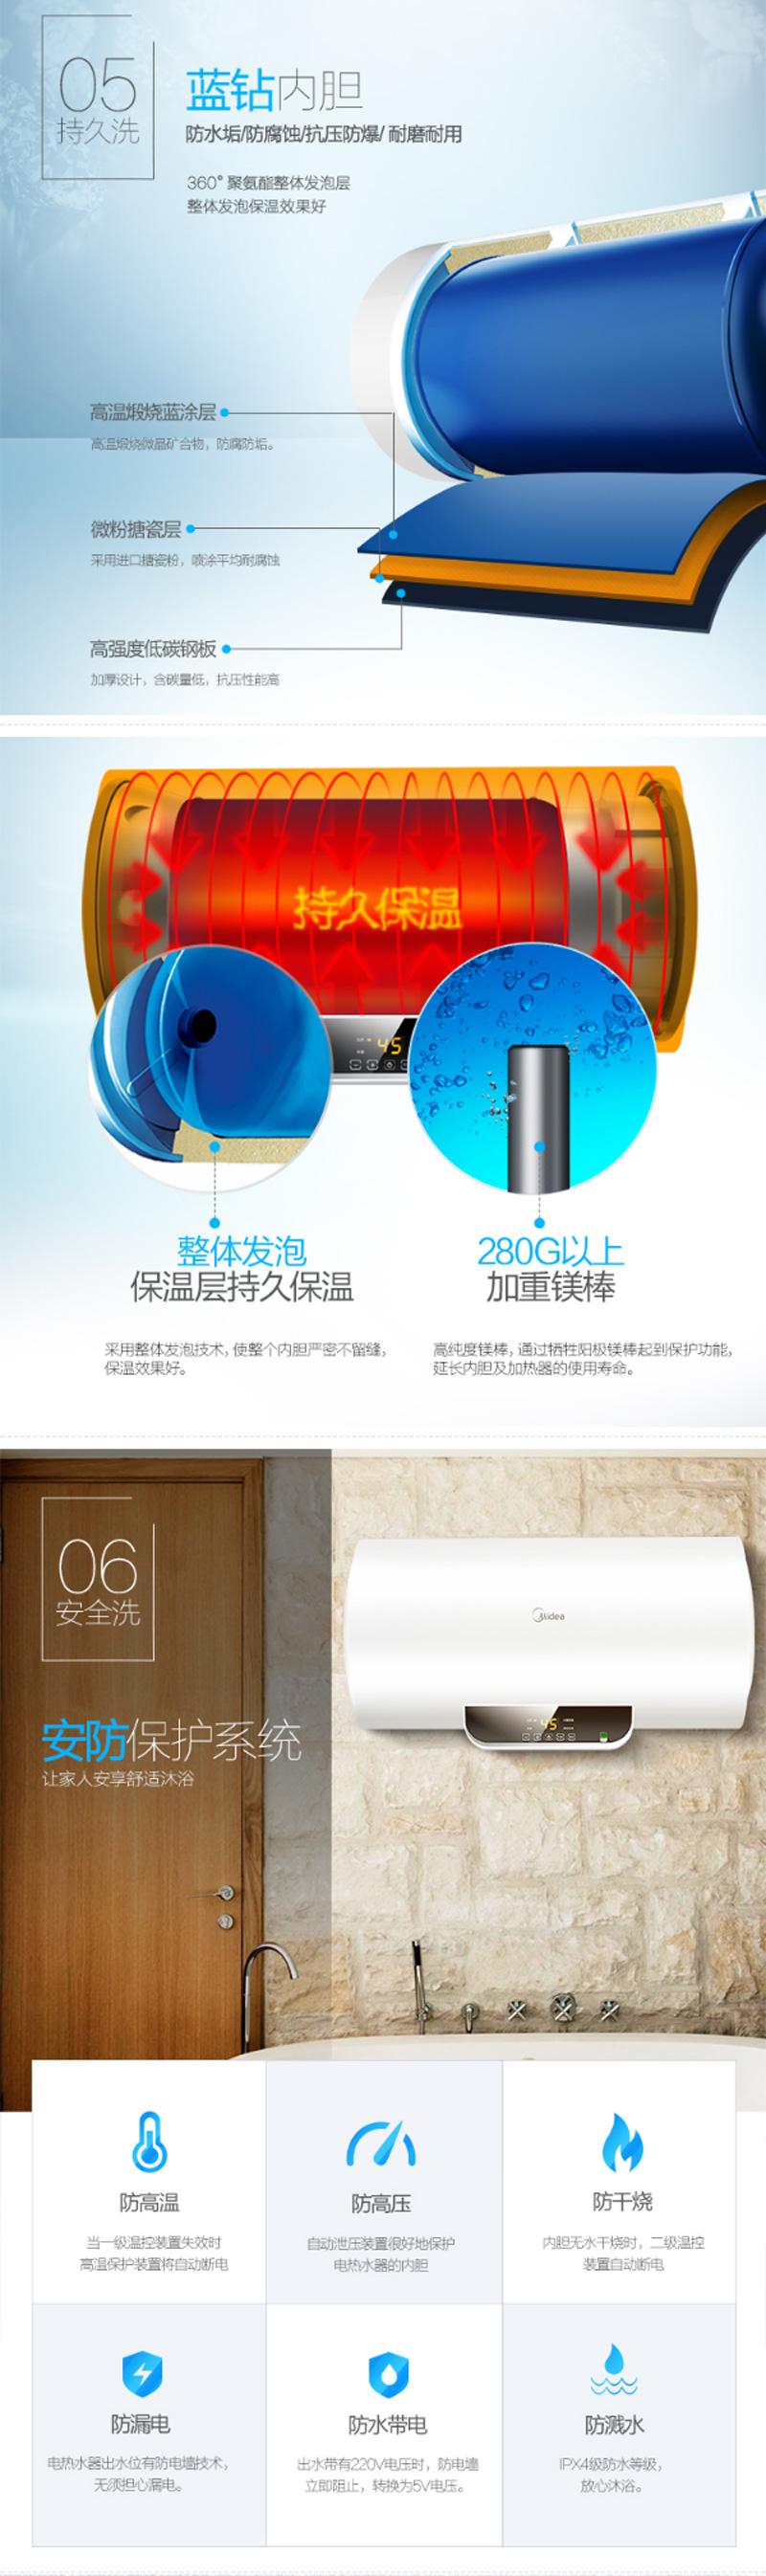 美的(Midea)2100W速热电热水器60升 无线遥控 预约洗浴 一键保温 加长防电墙F60-15WB5(Y)